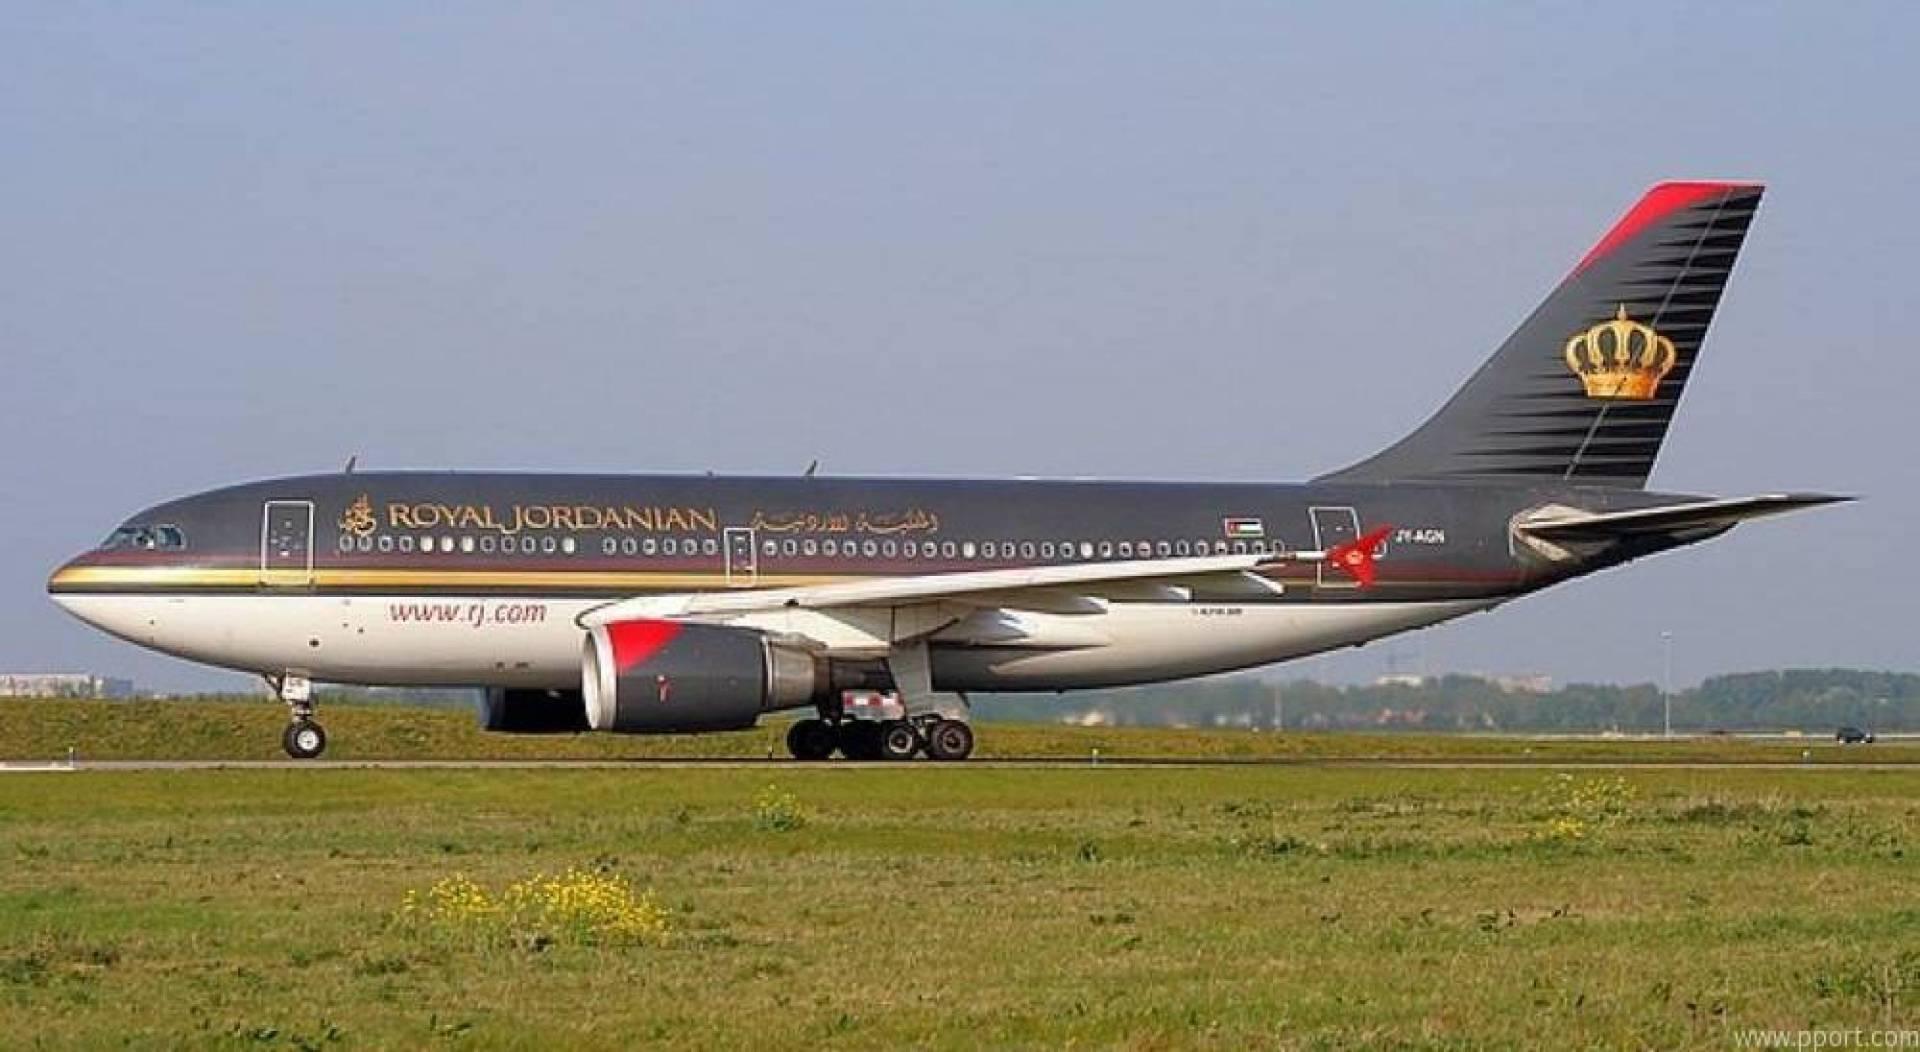 الخطوط الملكية الأردنية تعلق رحلاتها من عمان لروما بدءا من اليوم وحتى إشعار آخر